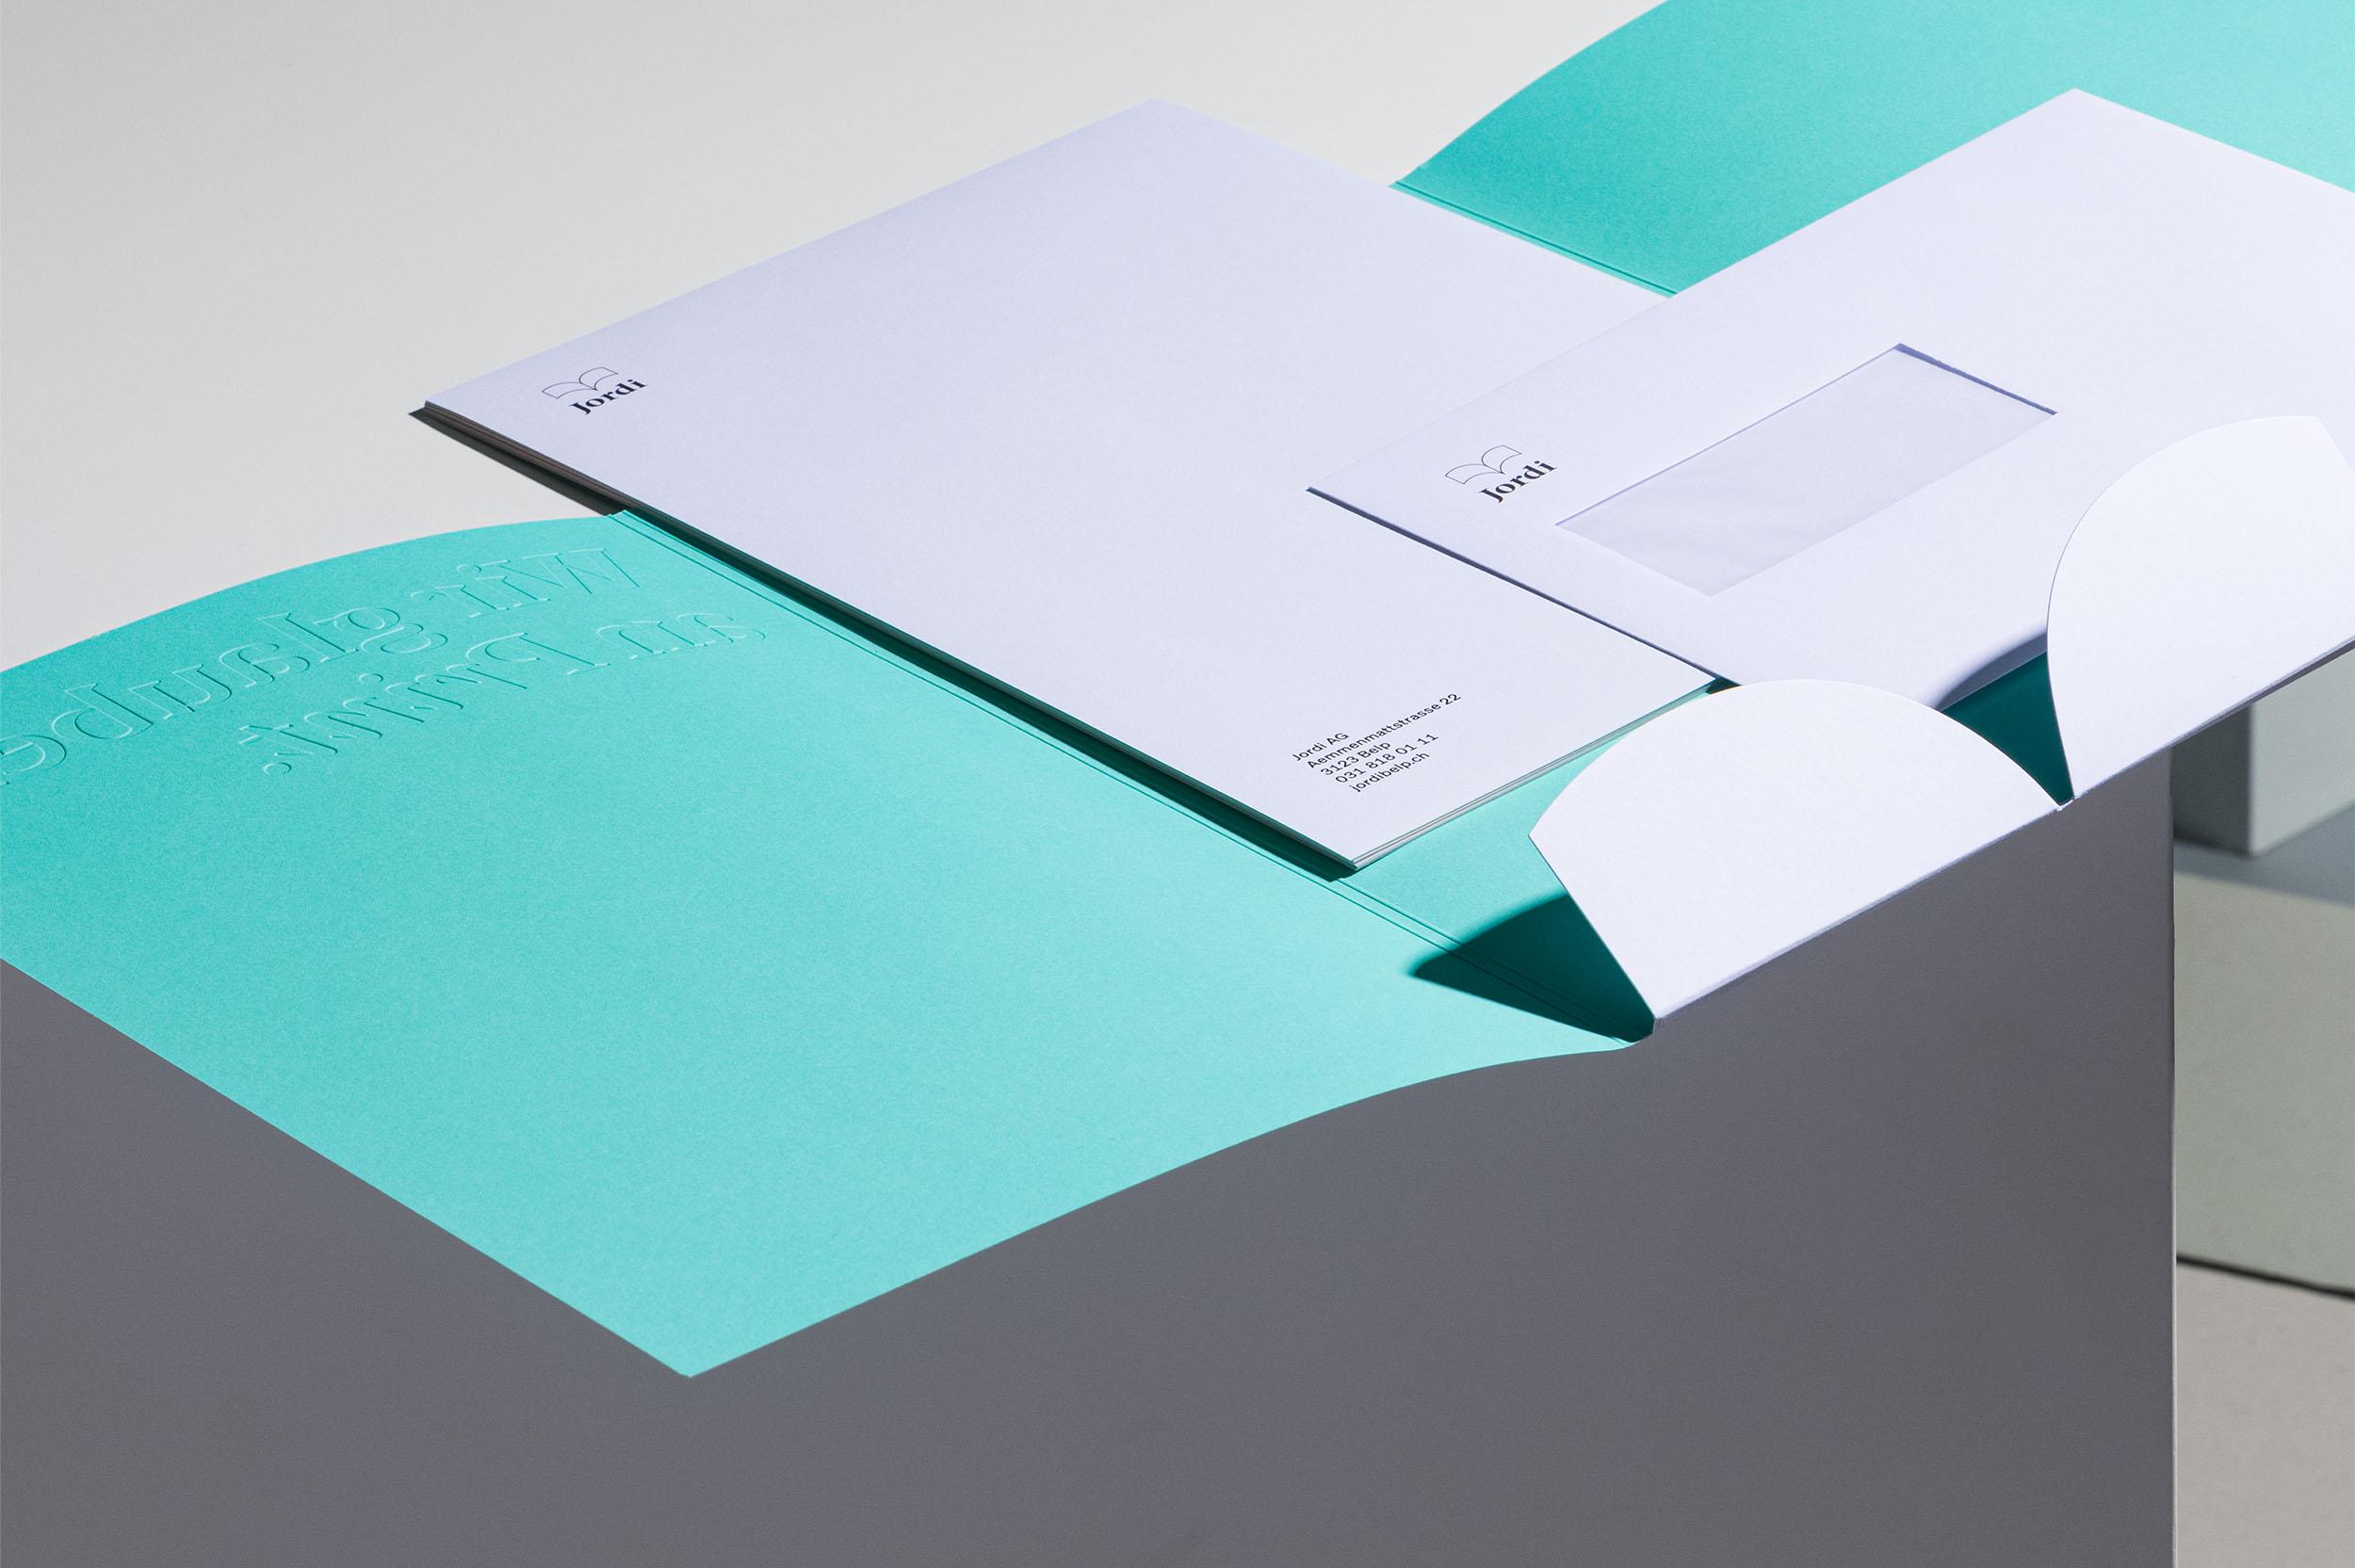 Aufgeklappte, türkisfarbene Dokumentenmappe mit weissem Briefpapier und Kuvert C5 für Jordi AG, liegend auf weissem Kubus